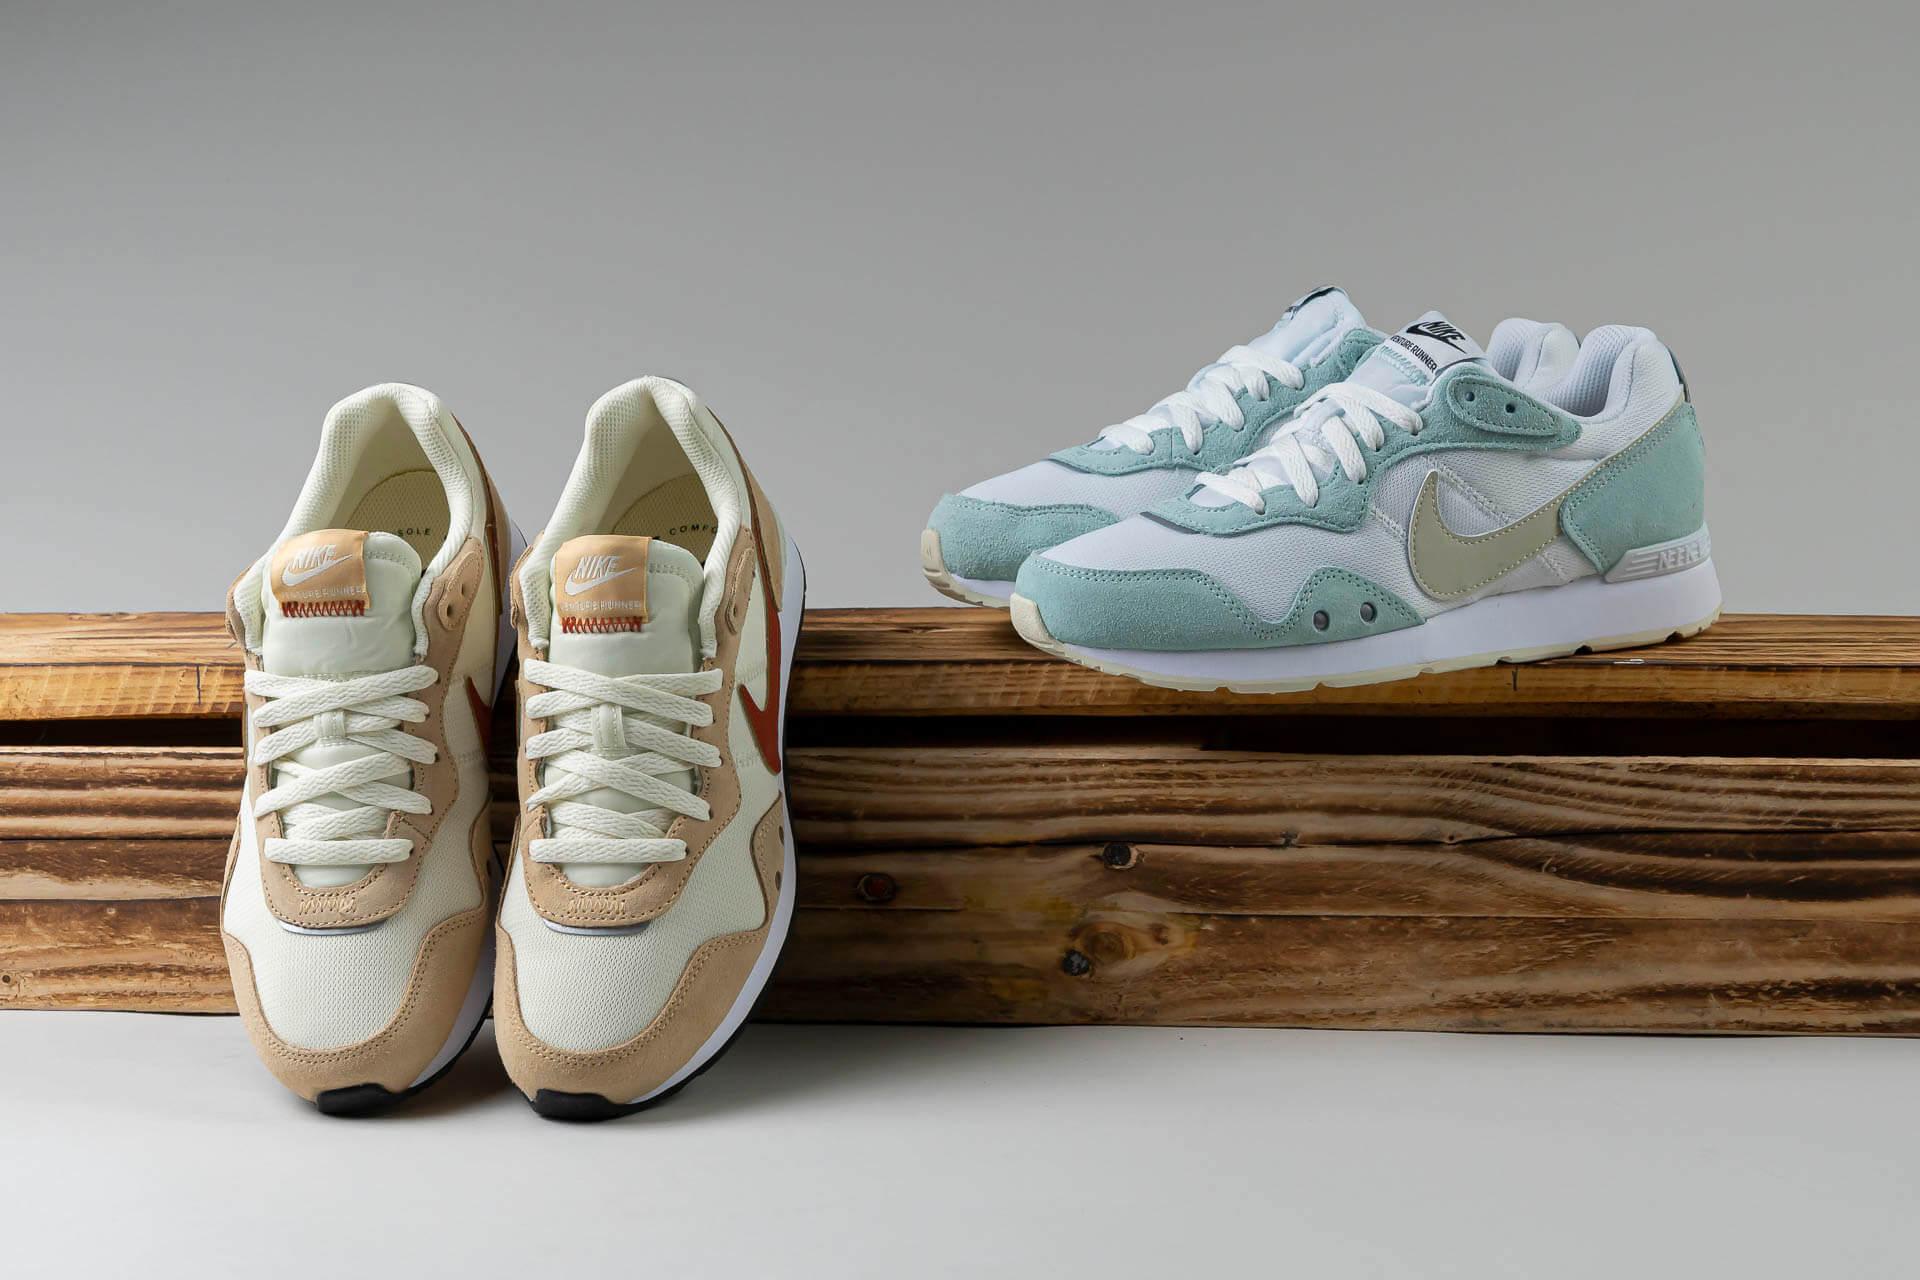 zeigt WMNS Venture Runner von Nike